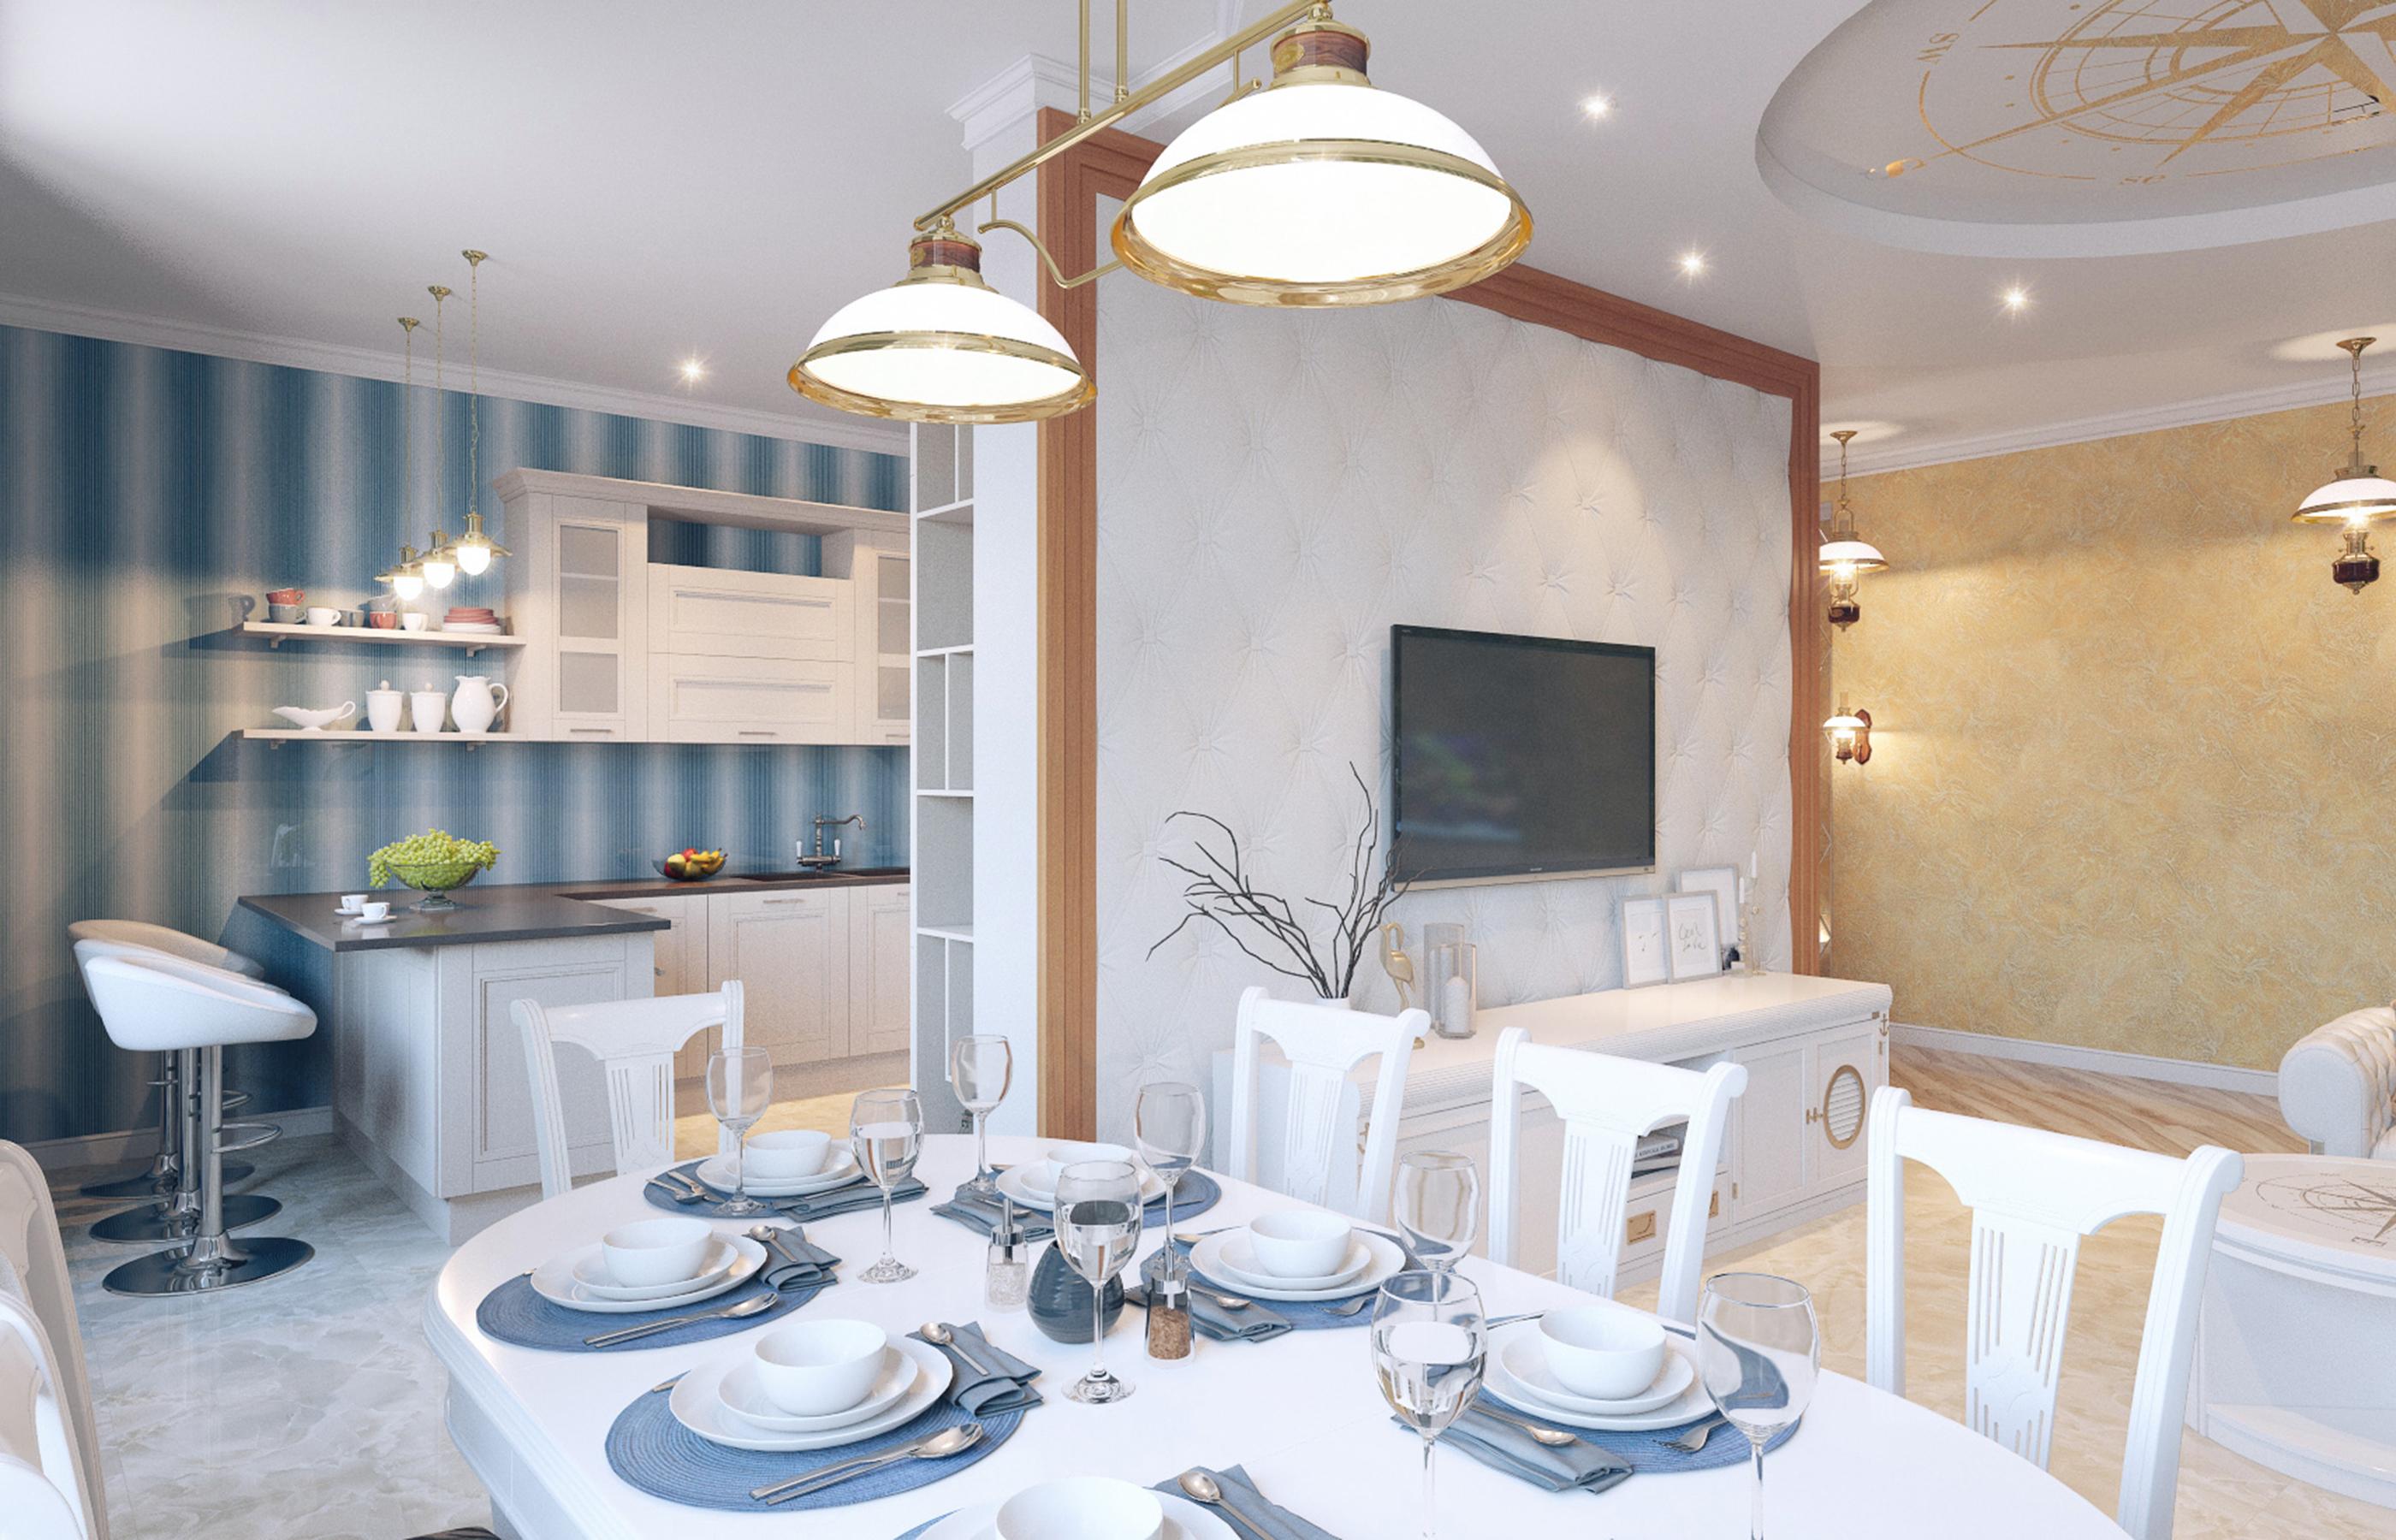 Дизайн интерьера столовой в морском стиле